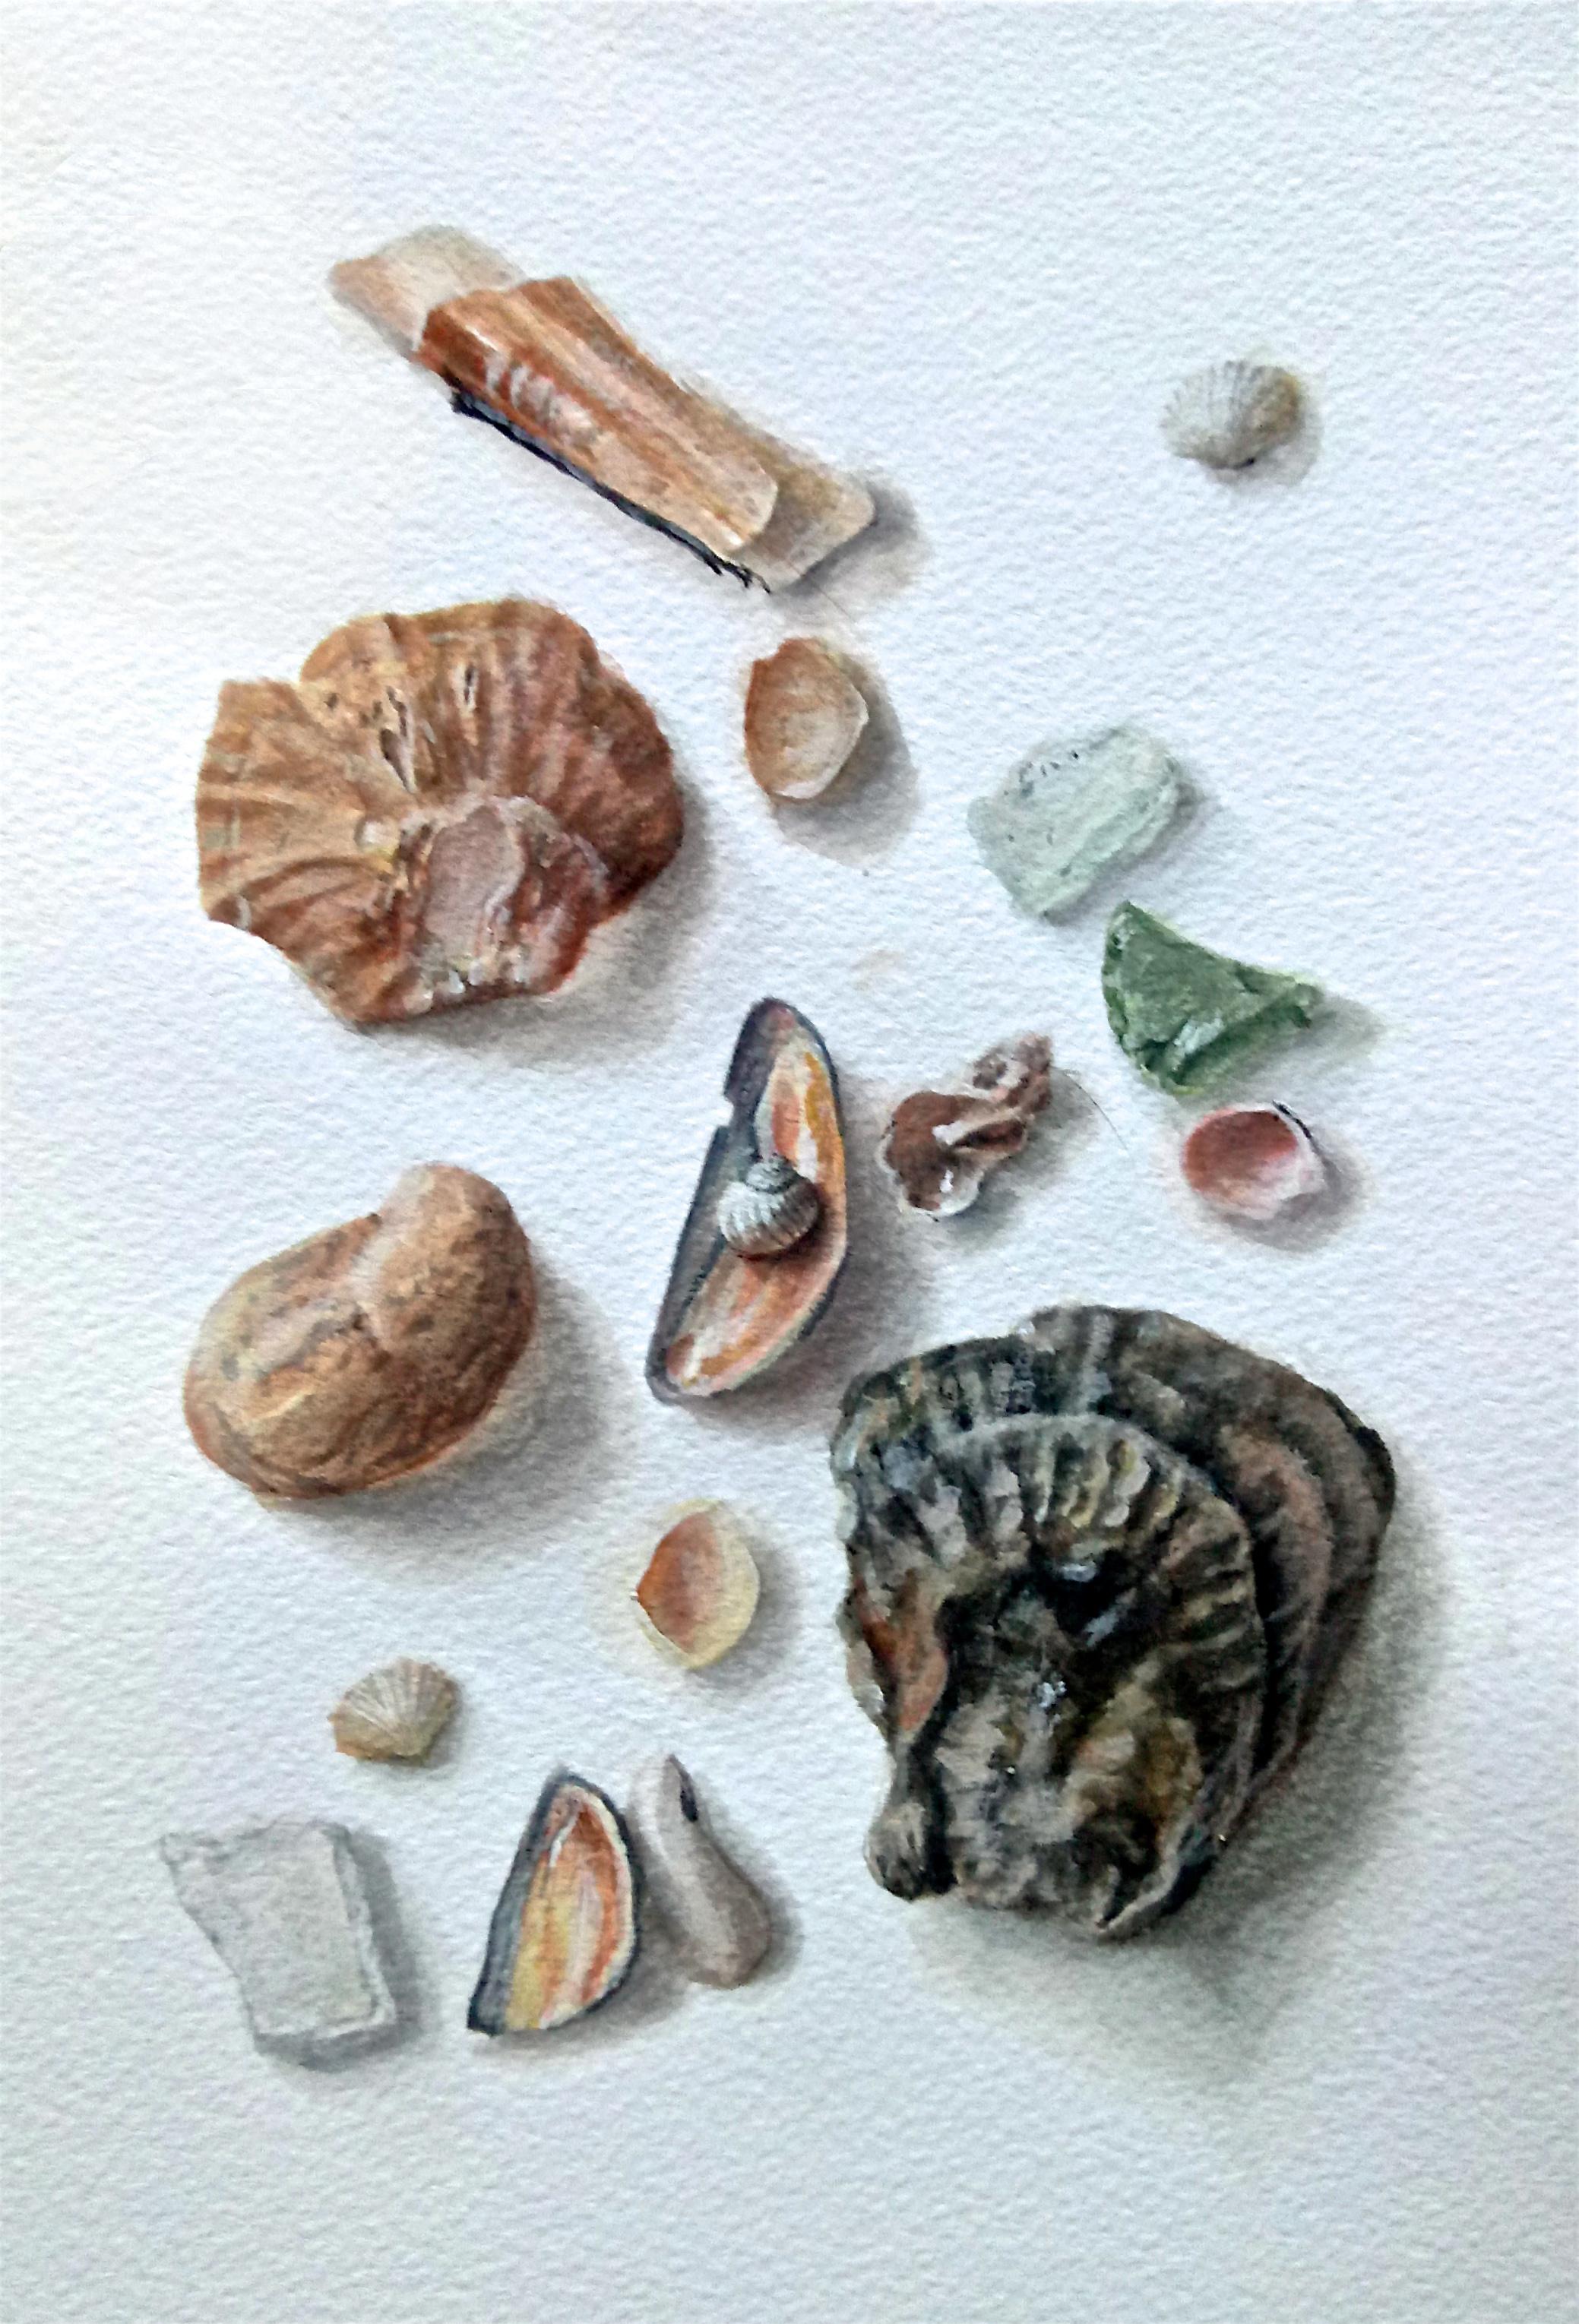 Seashell Trompe l'oeil